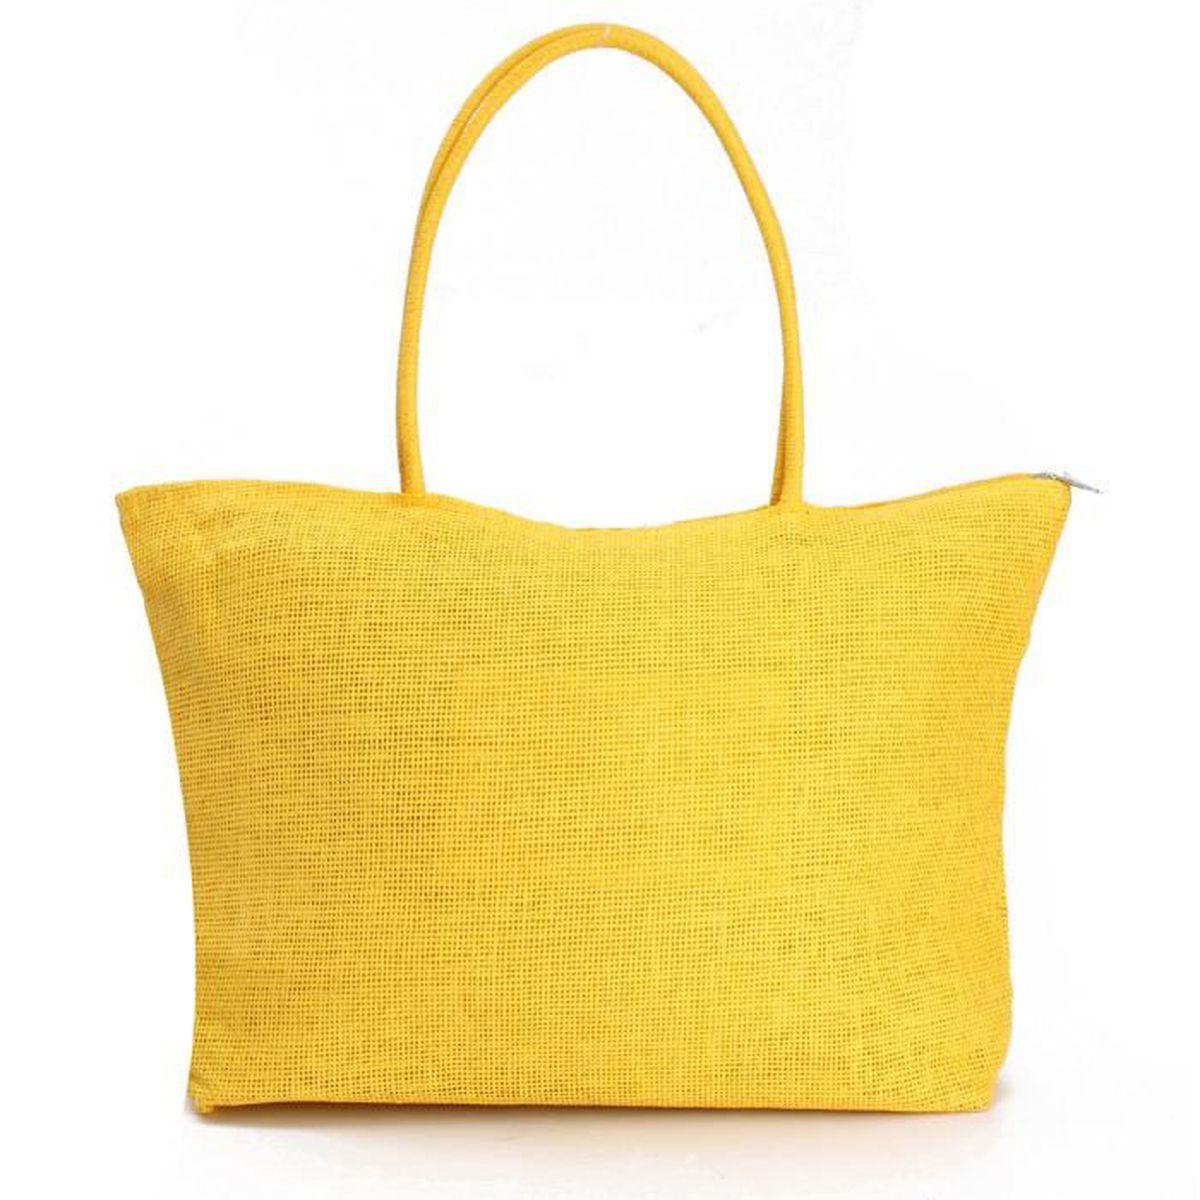 sac de plage voyage paille femme mode jaune achat vente panier sac de plage 7704312875815. Black Bedroom Furniture Sets. Home Design Ideas